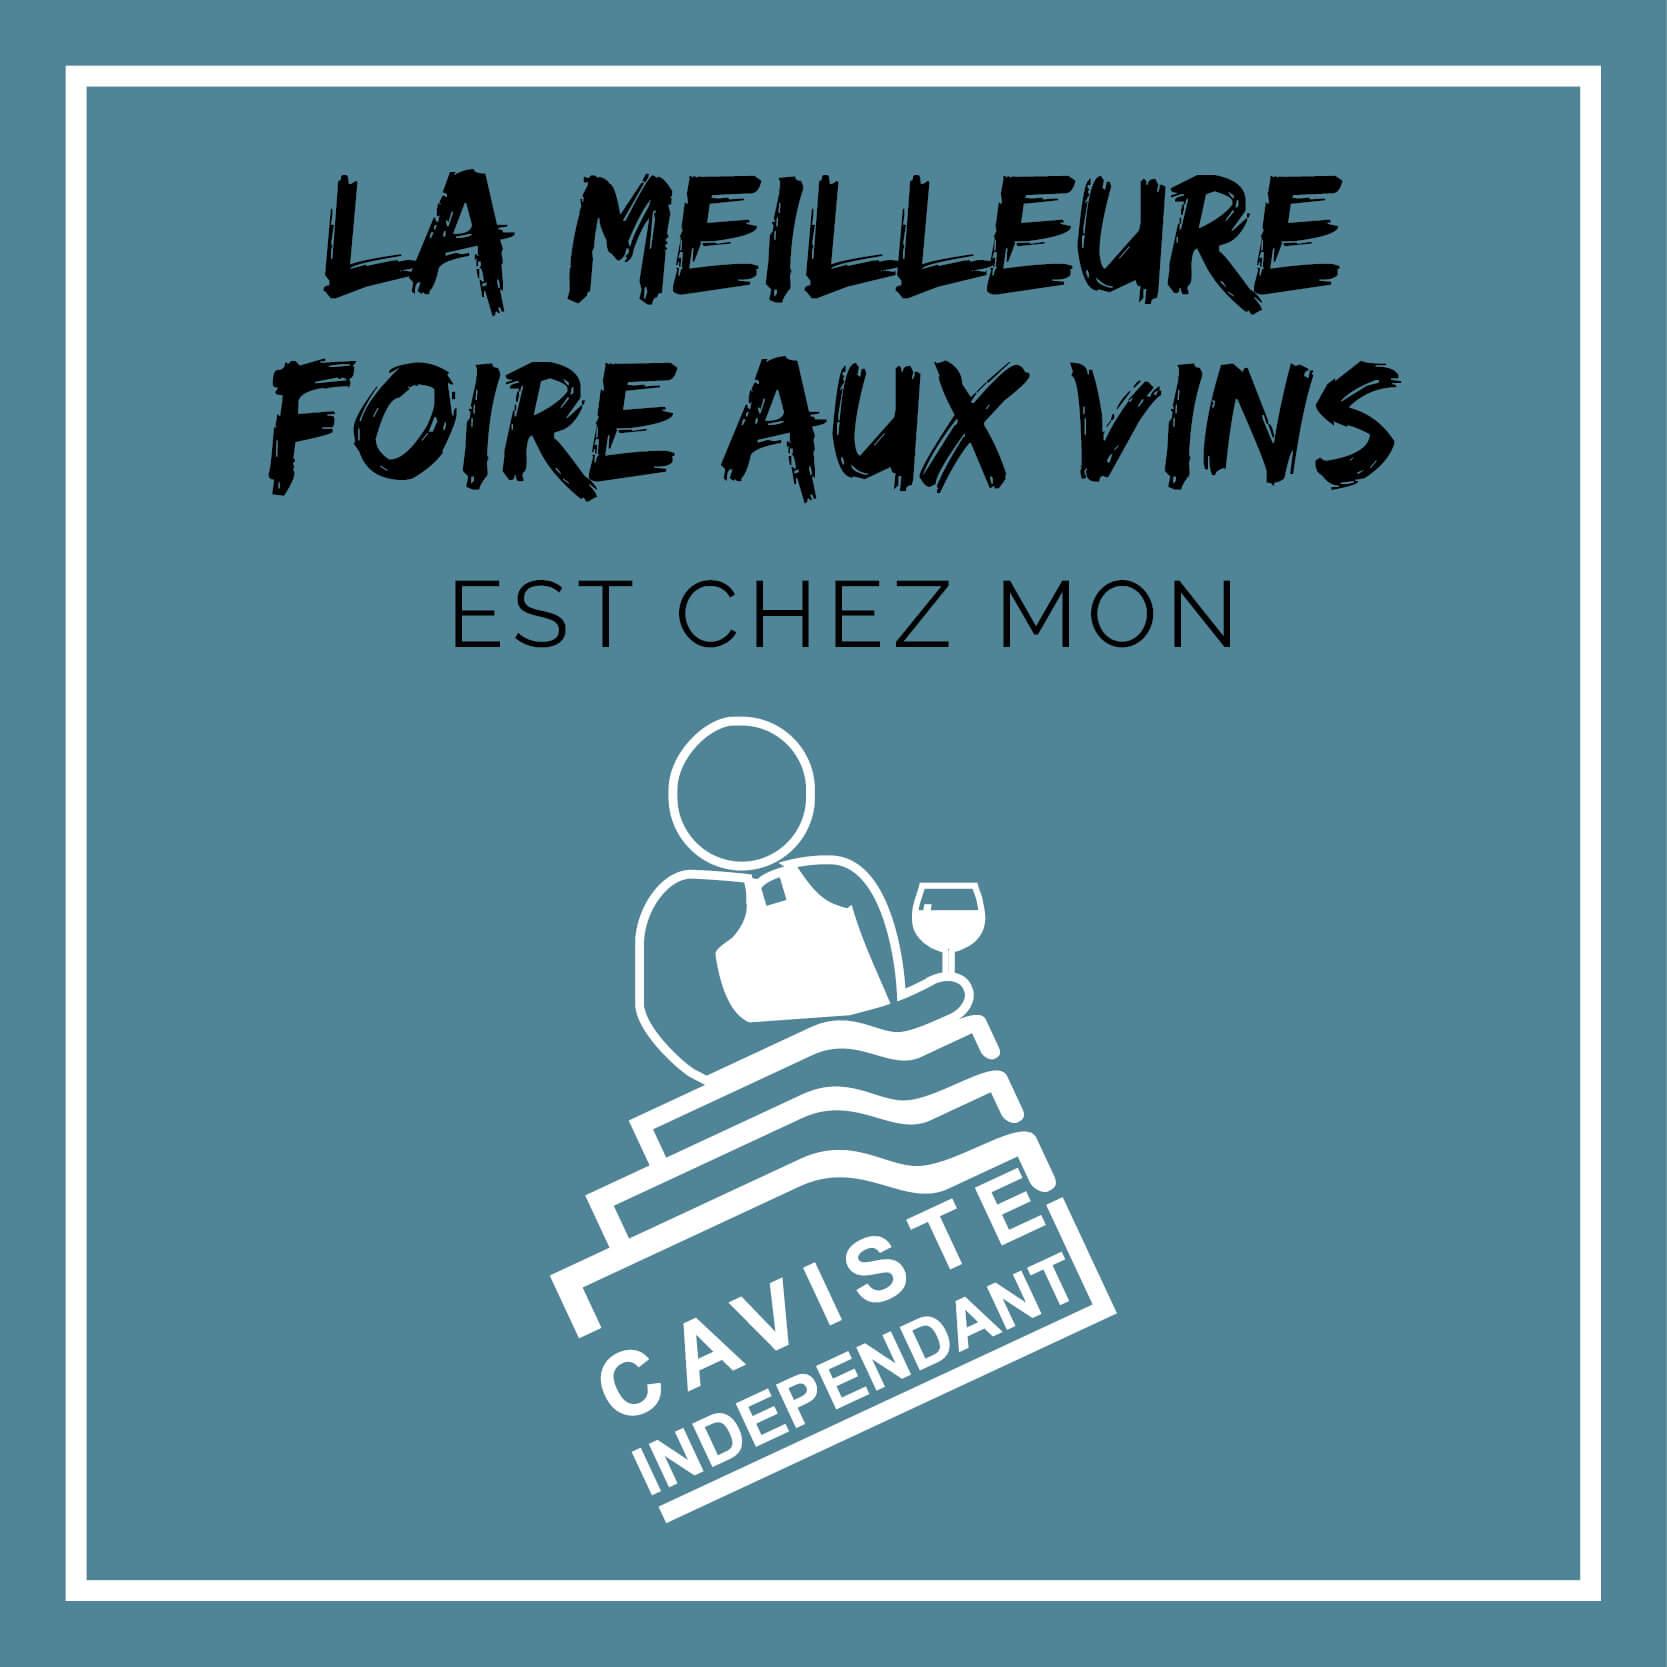 Foire-aux-vins-caviste-independant-heritage13